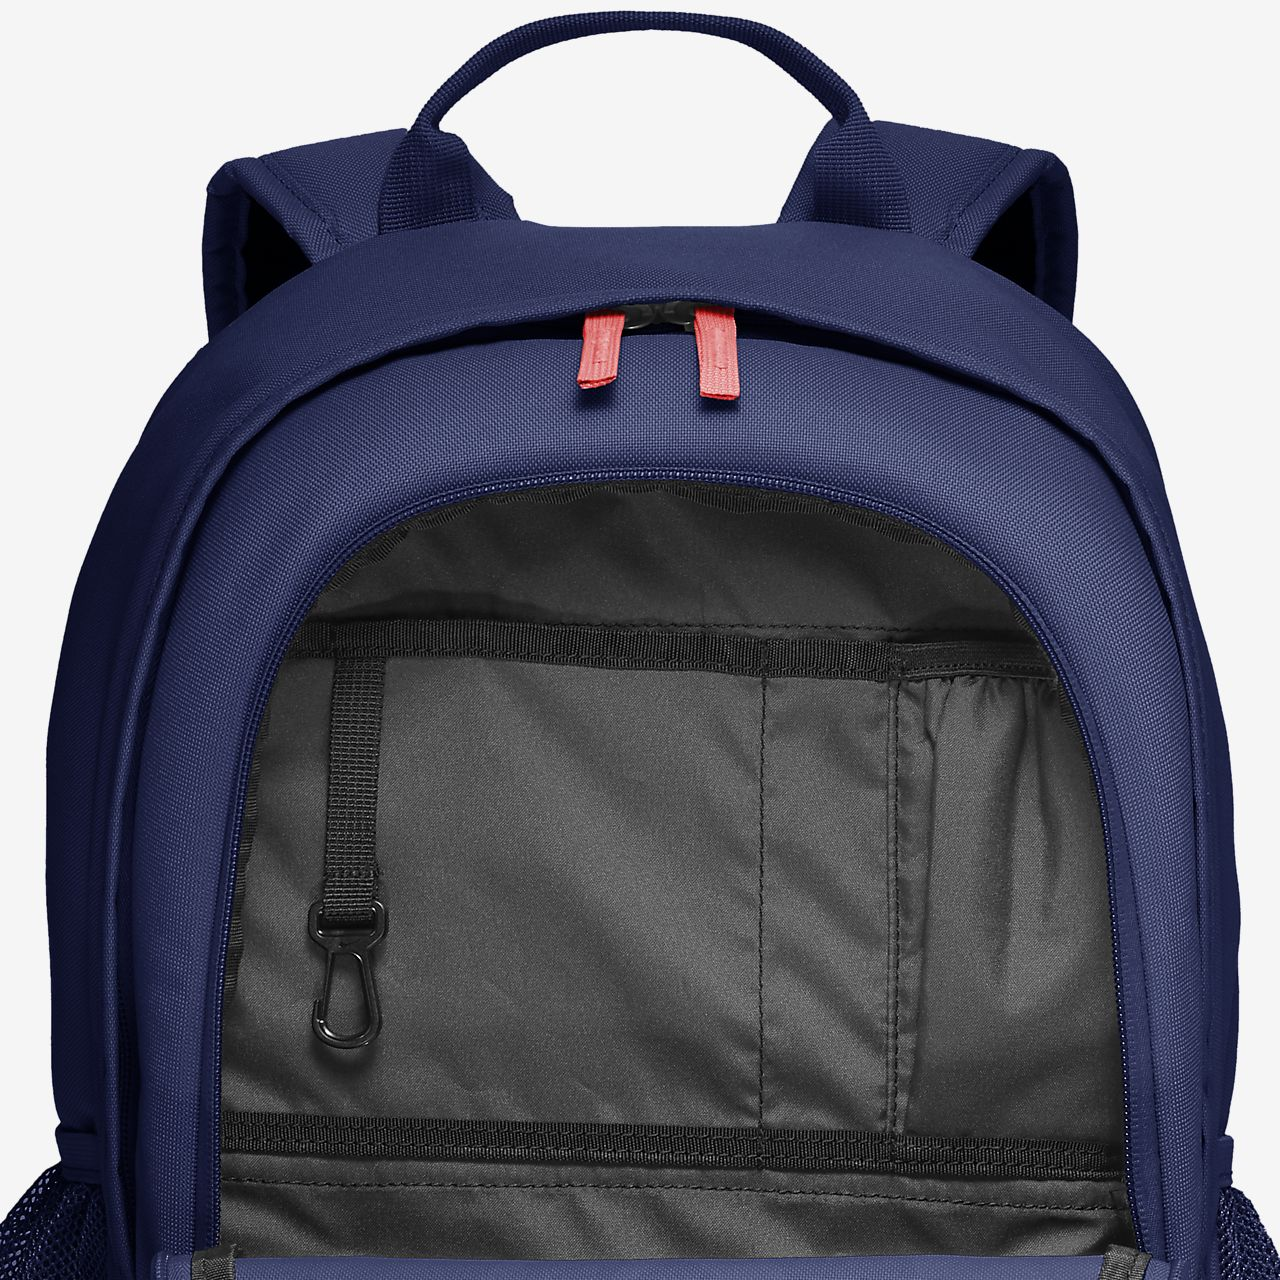 4f5da9e45 Mochila Nike Sportswear Hayward Futura 2.0. Nike.com MX